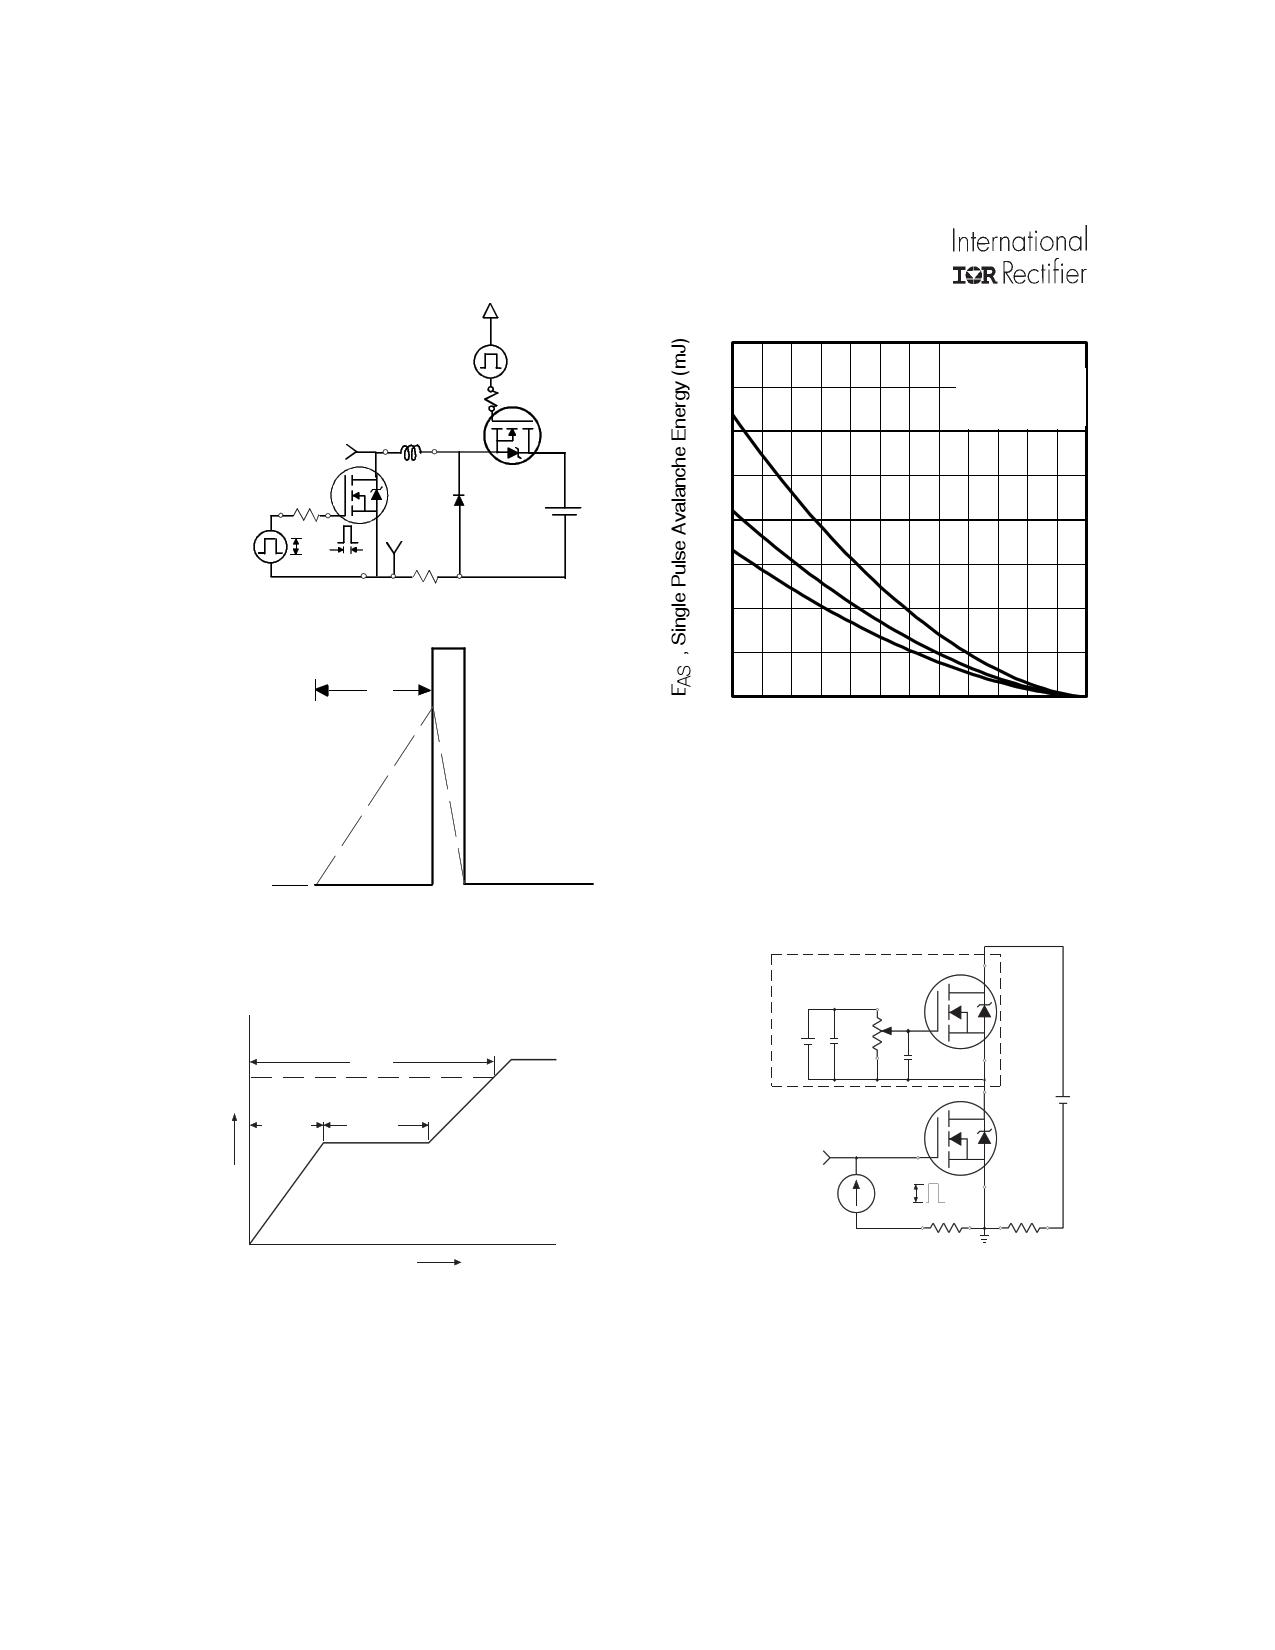 IRFIZ48VPbF 電子部品, 半導体